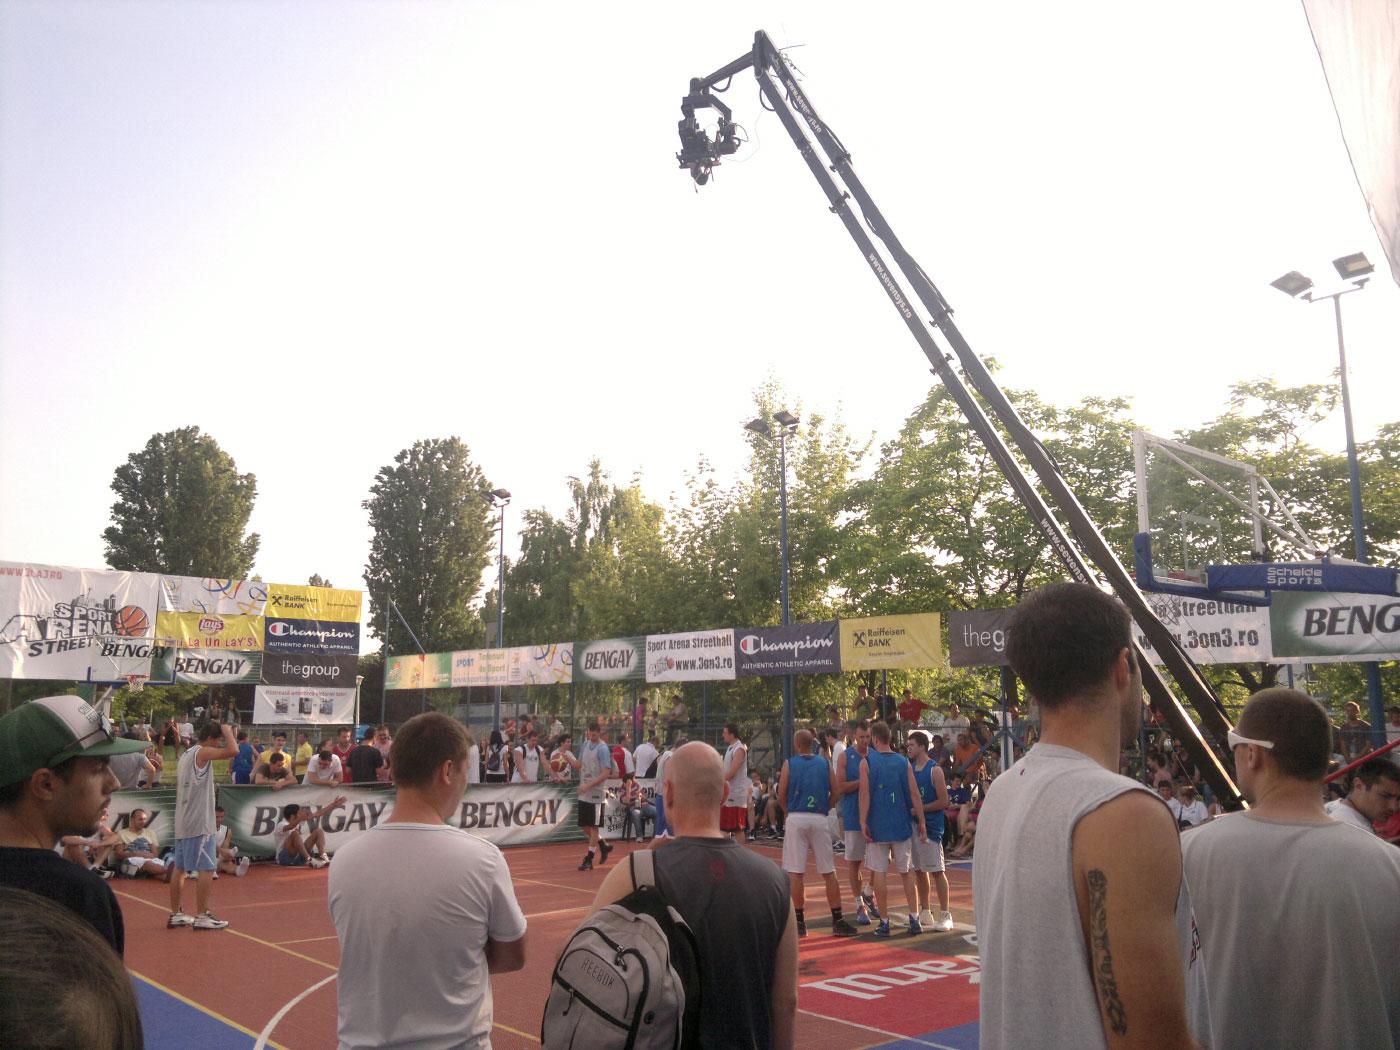 BASCHET SPORT ARENA 2011